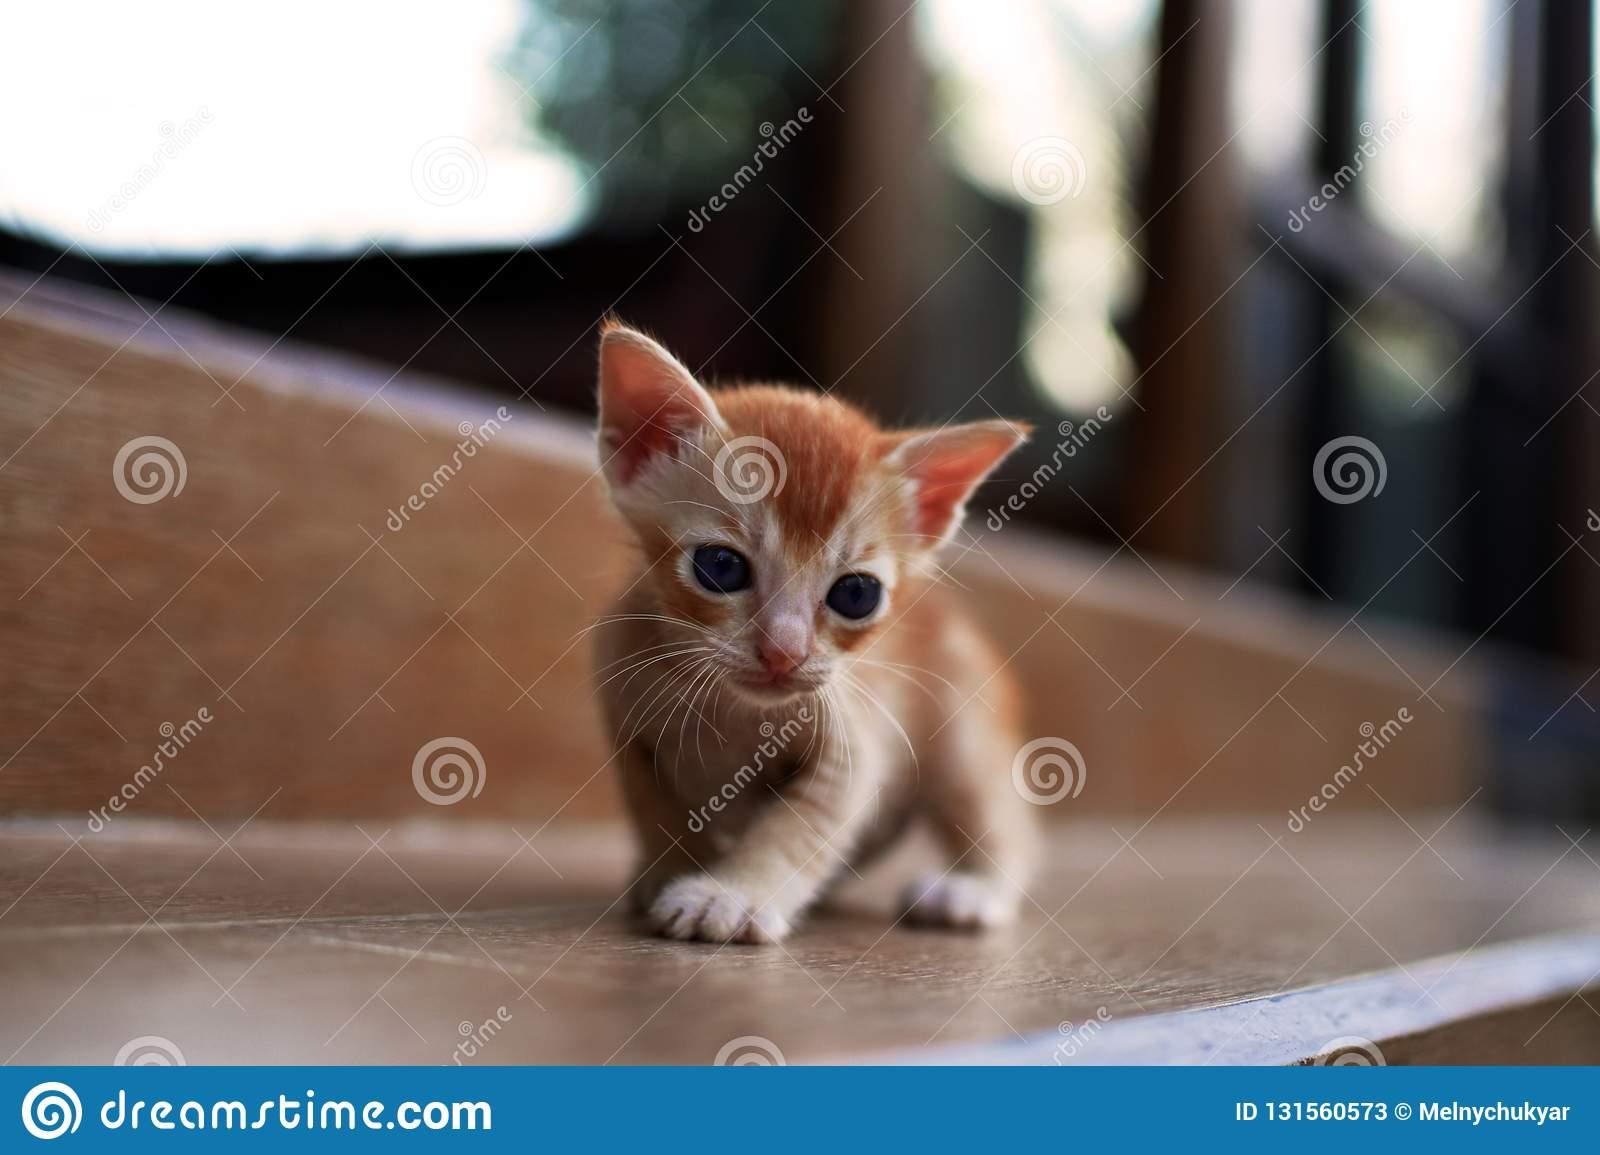 Кошка и новорожденный в доме - кот и новорожденный ребенок - стр. 1 - запись пользователя антошка (id1600323) в сообществе домашние животные в категории дети и животные - babyblog.ru